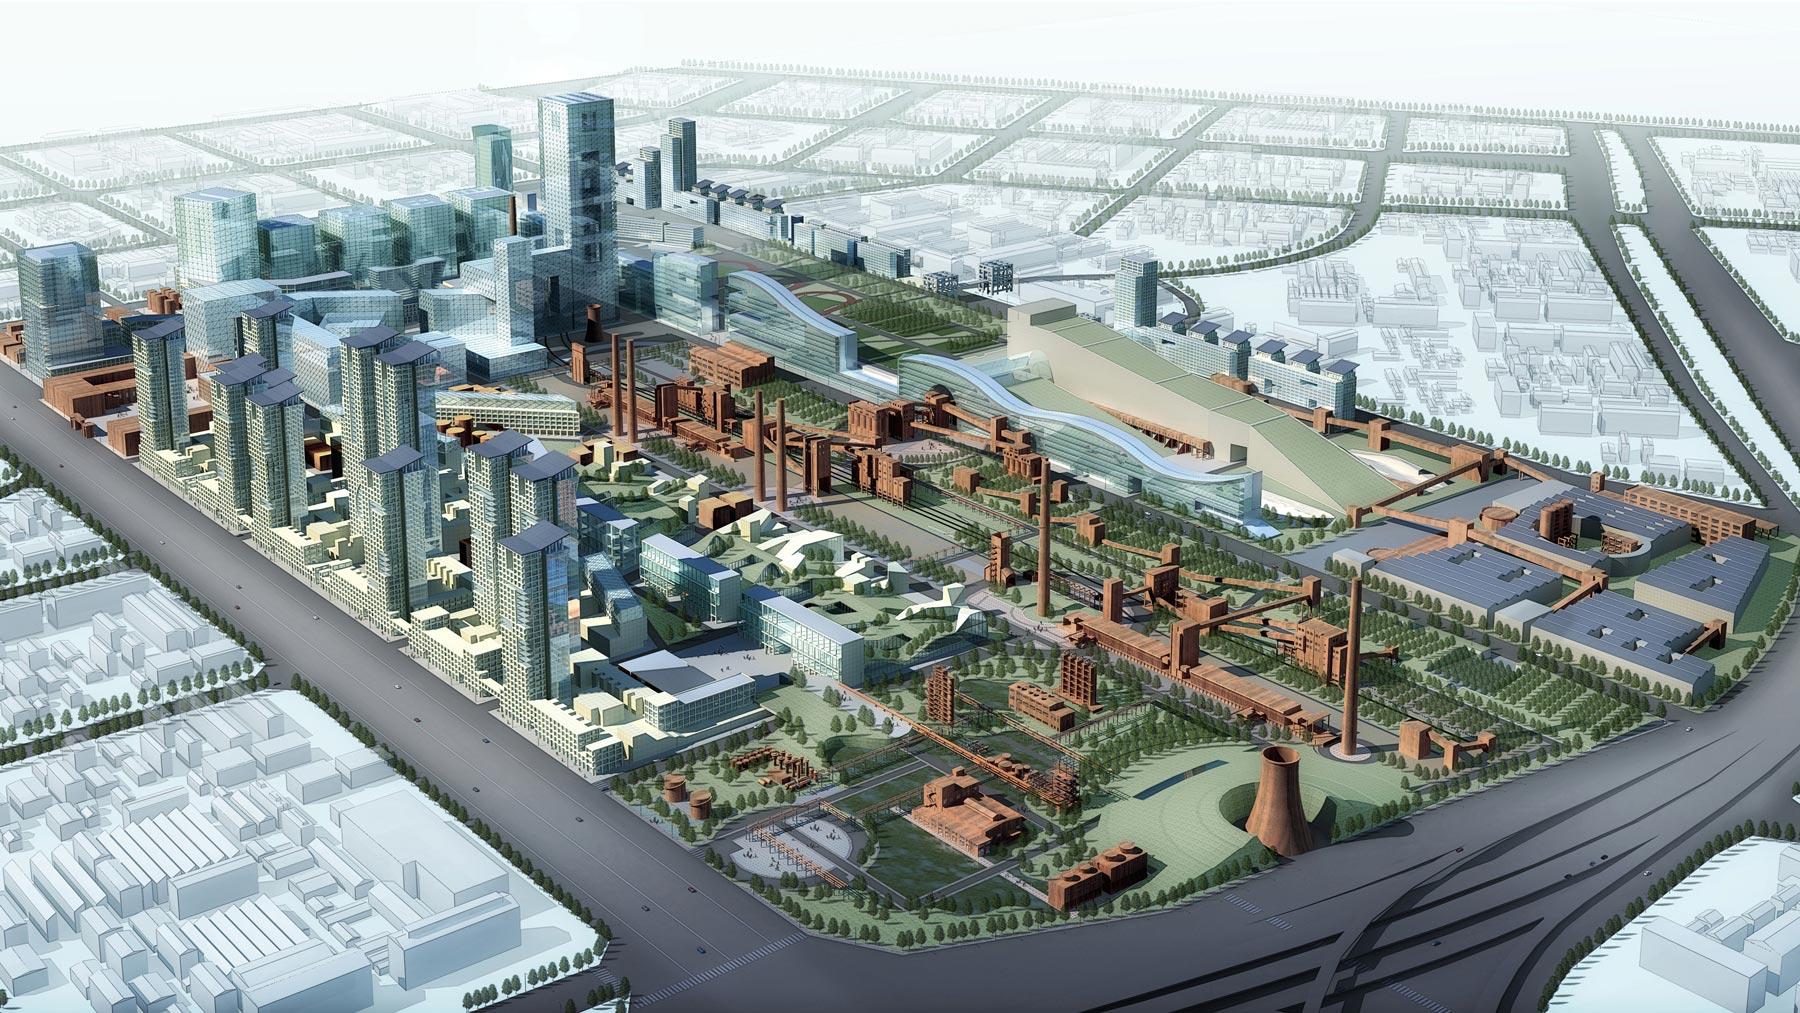 北京焦化廠工業遺址保護與開發利用規劃